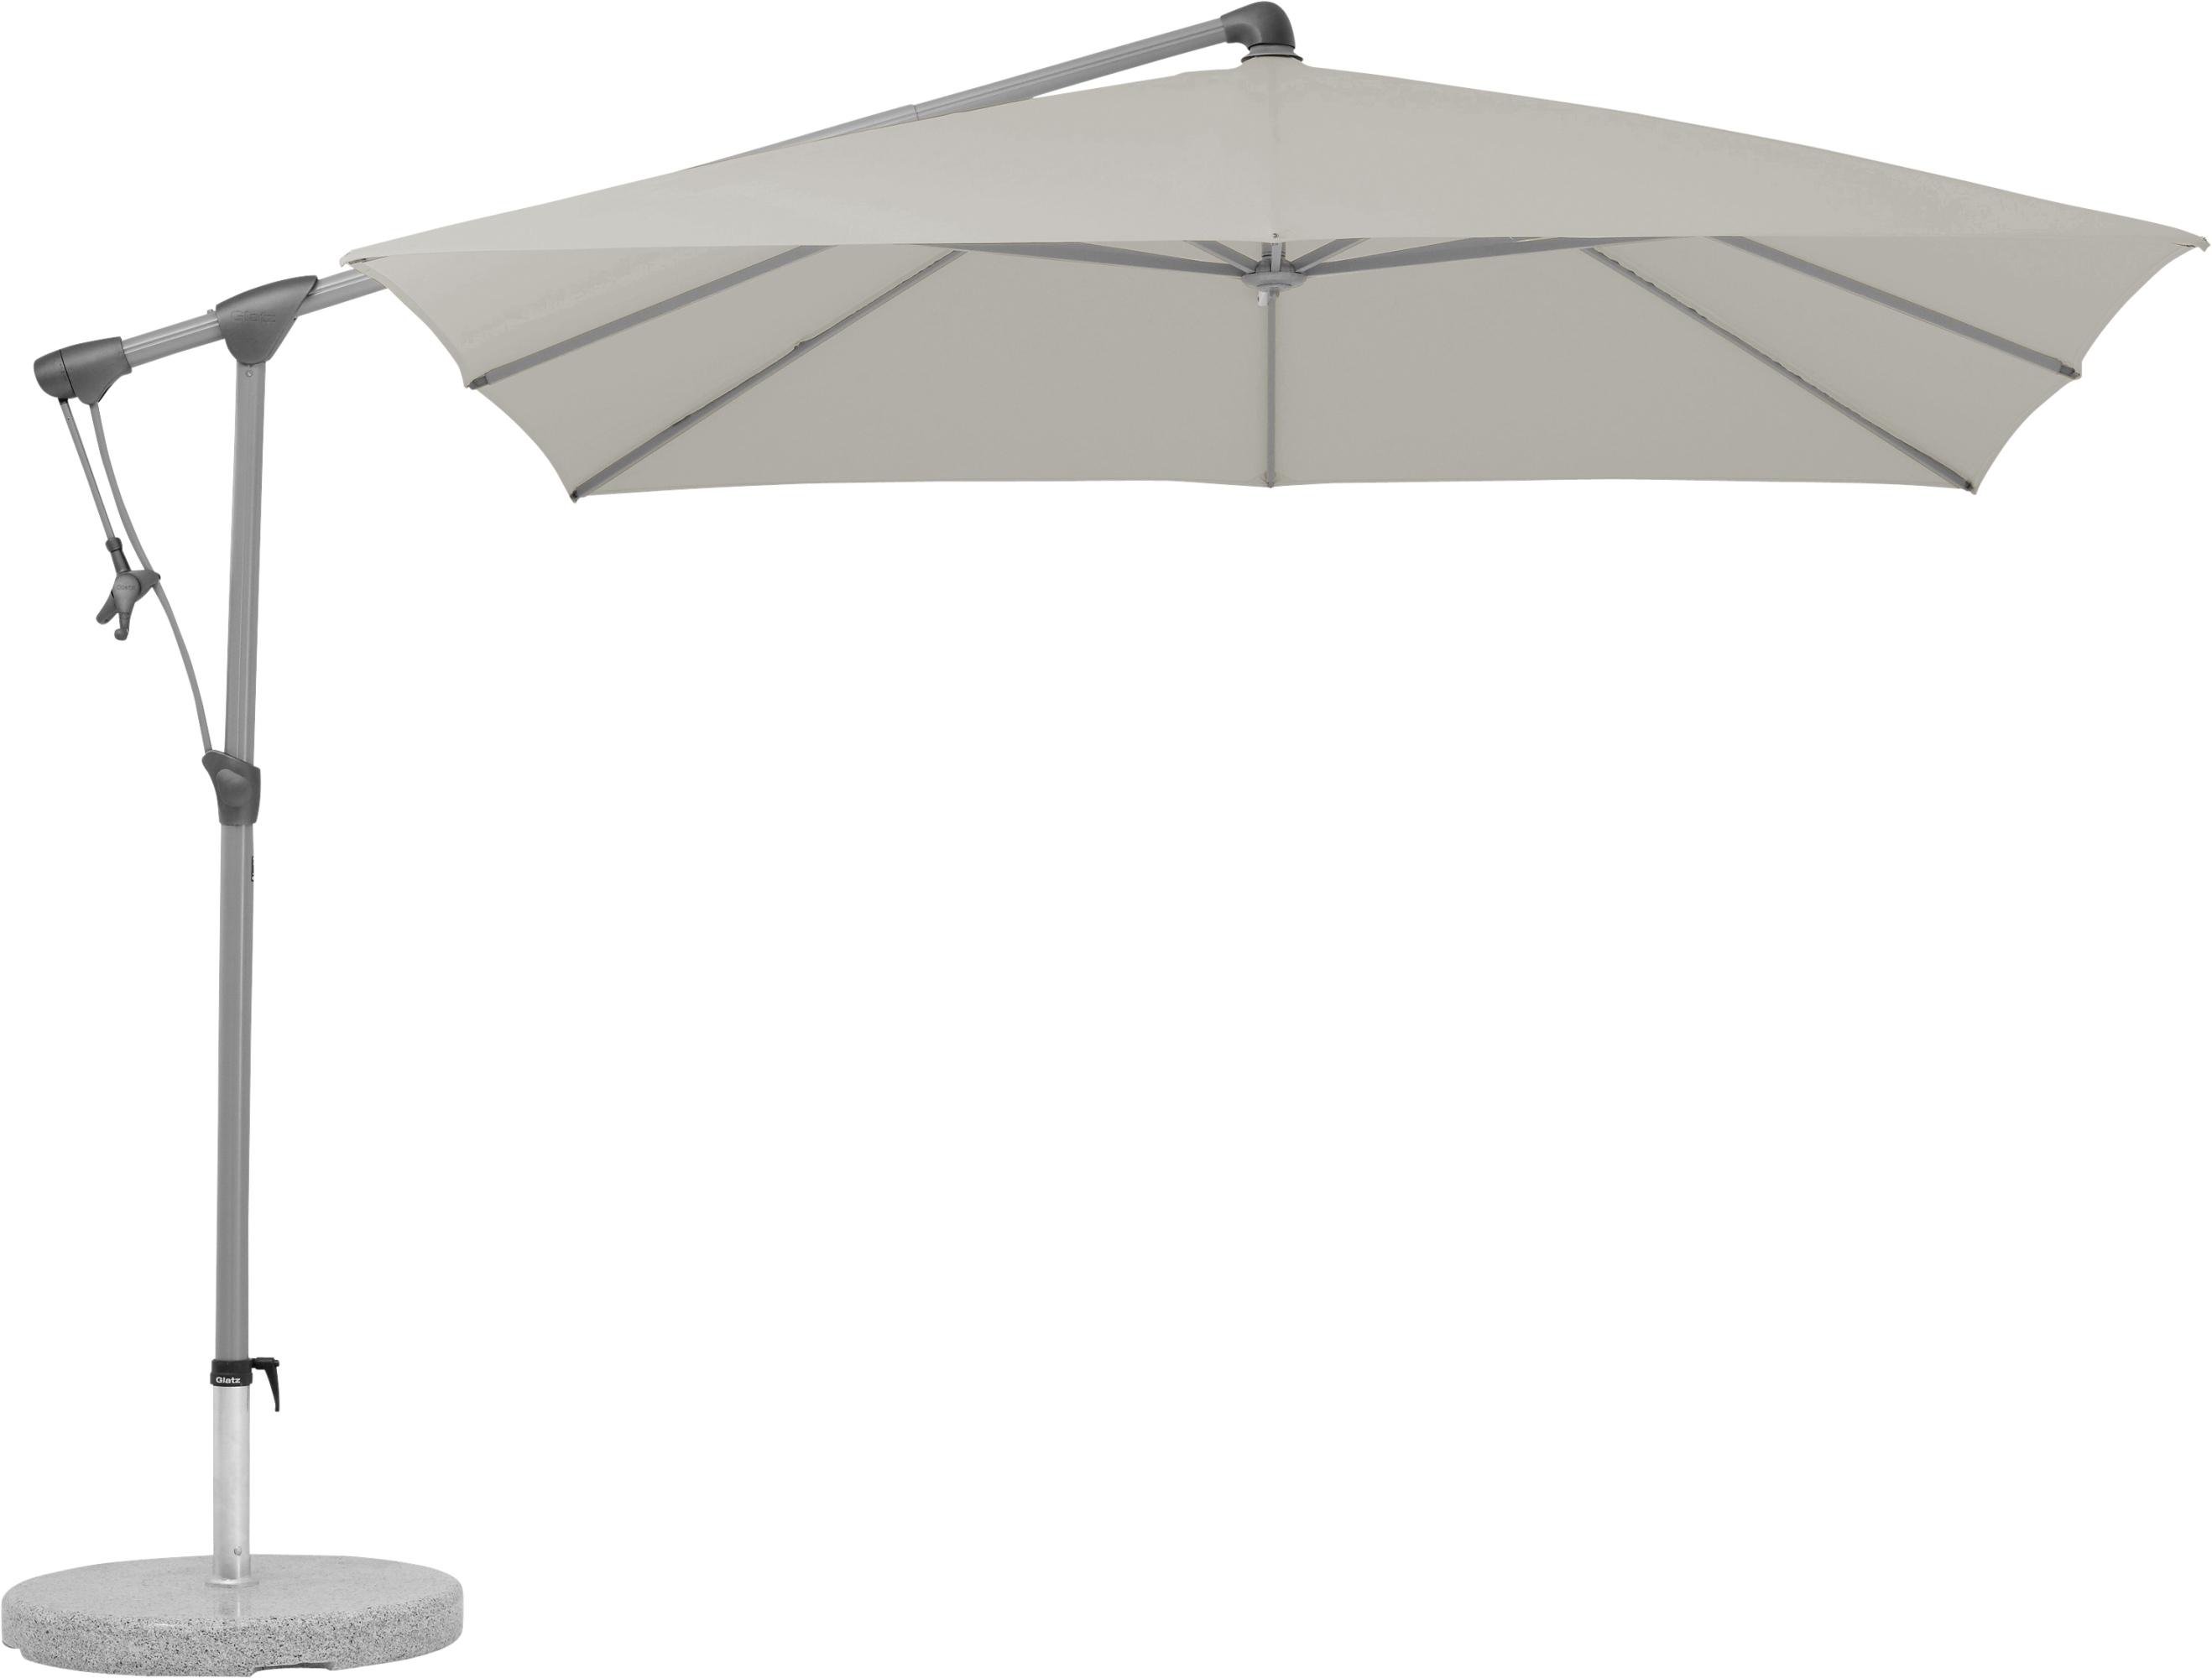 glatz sonnenschirm sunwing c taupe 260 x 260 cm sunwing c sonnenschirme gardanio ihr. Black Bedroom Furniture Sets. Home Design Ideas